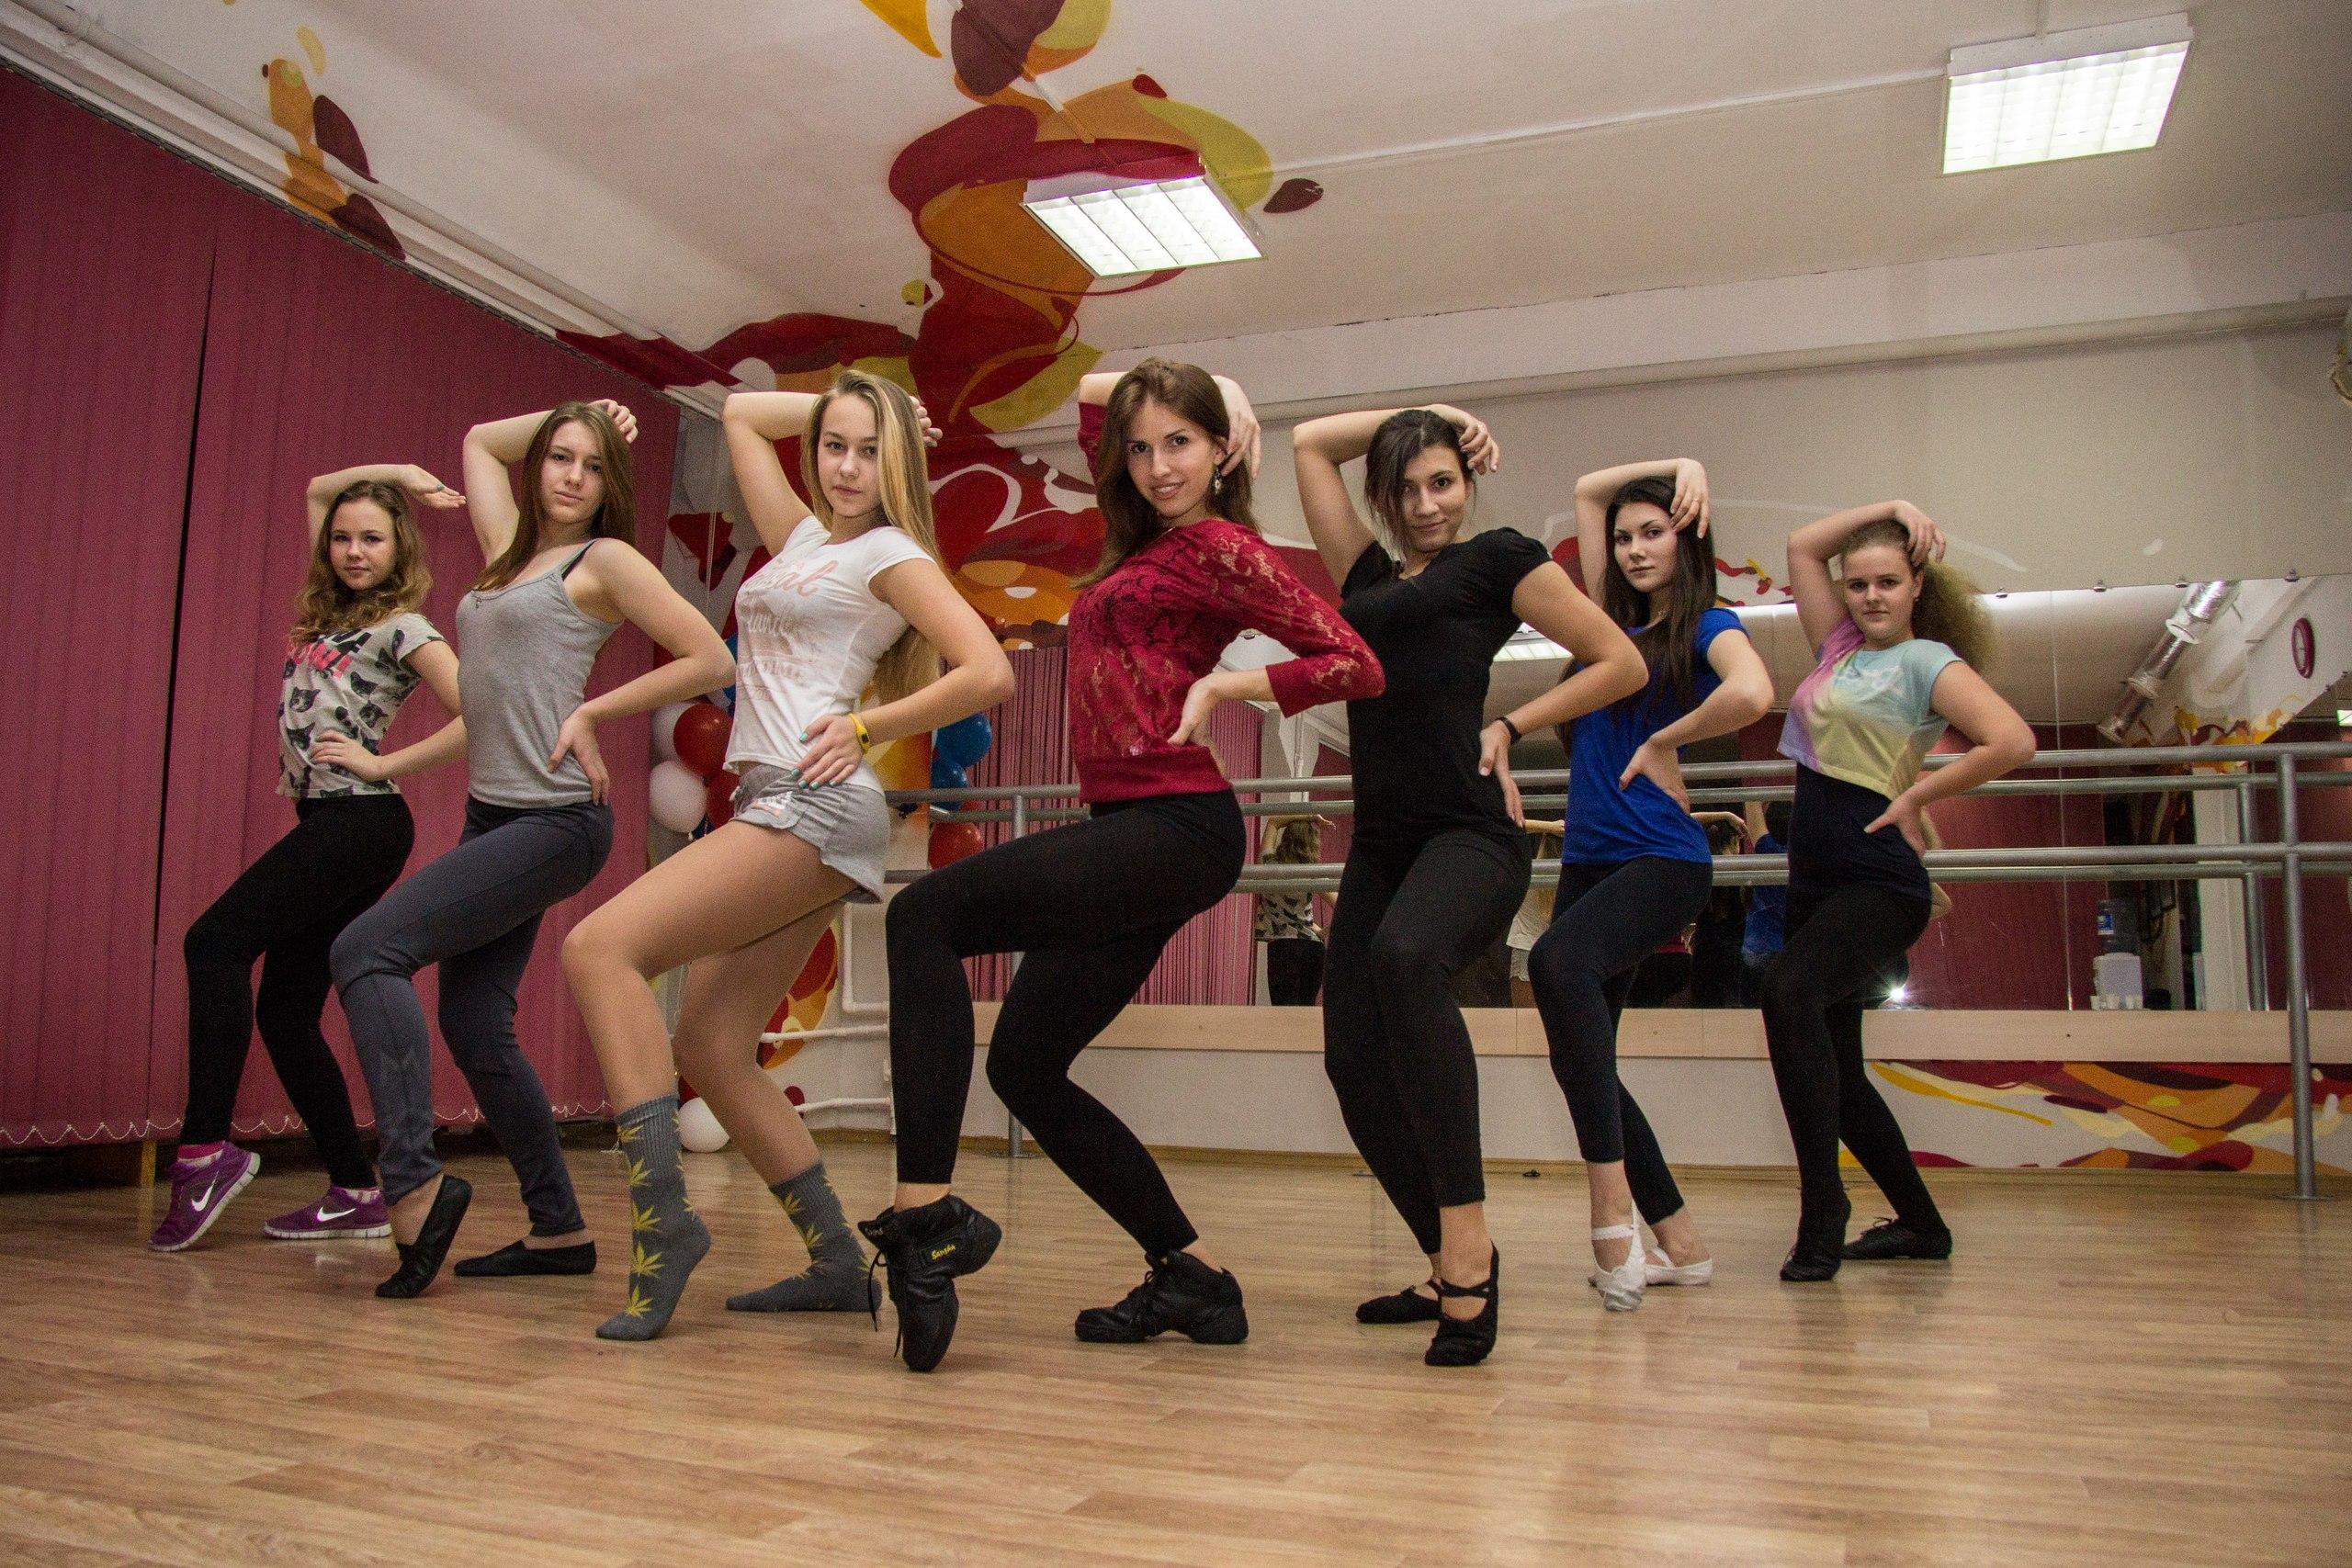 Сексуальные движения в танце 7 фотография